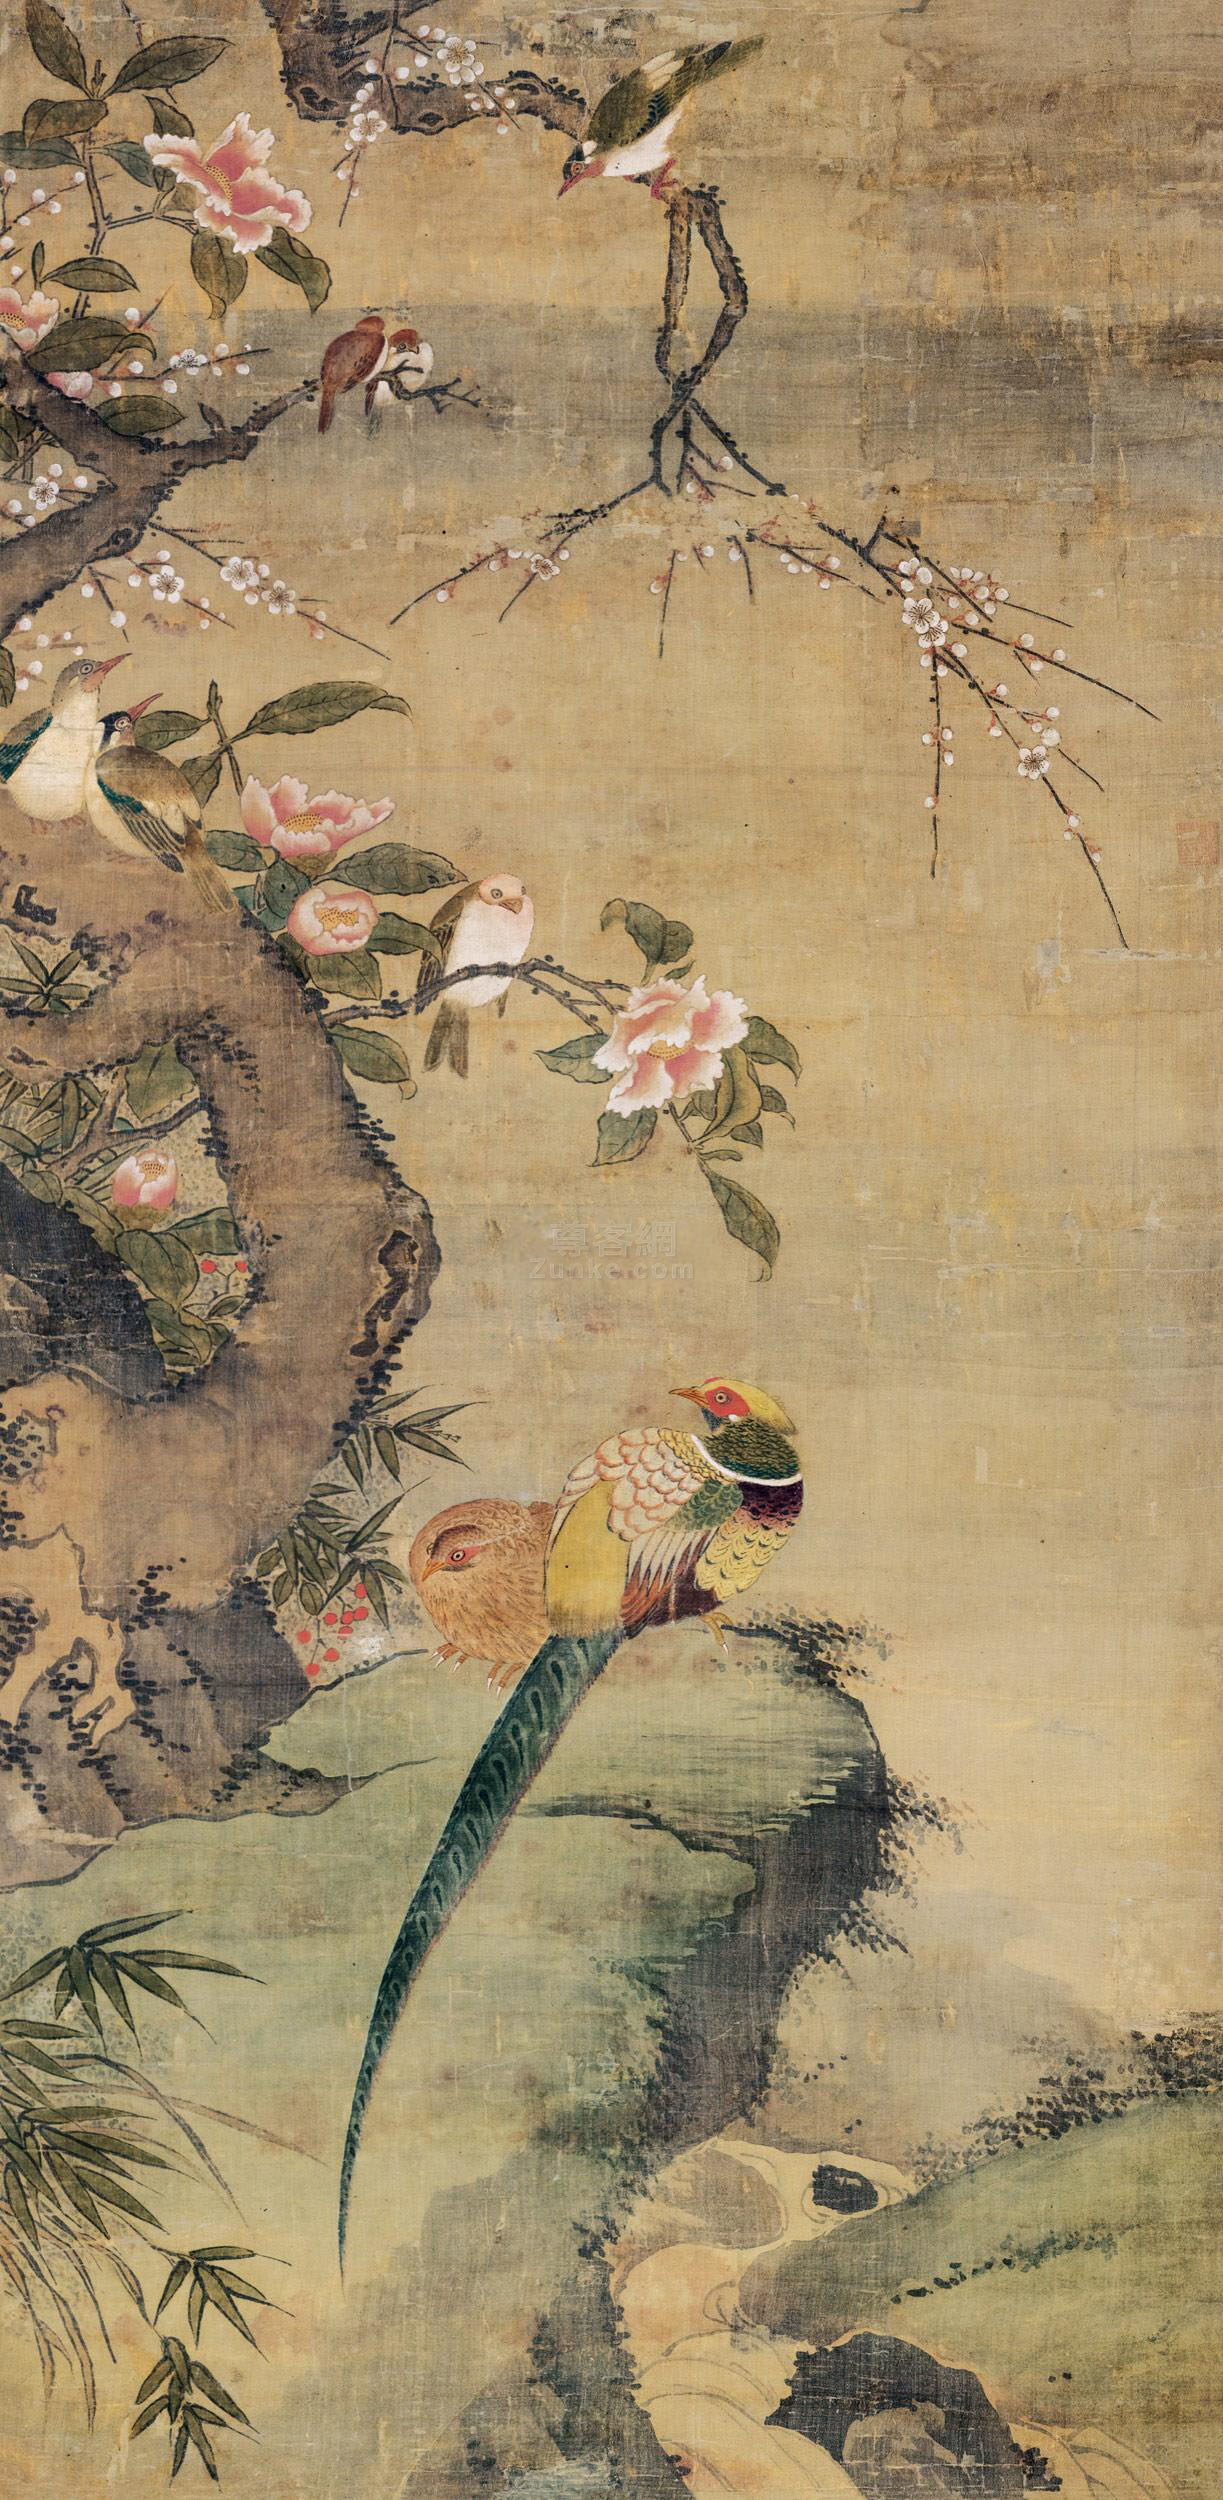 佚名 芙蓉锦鸡 立轴 设色绢本作品欣赏